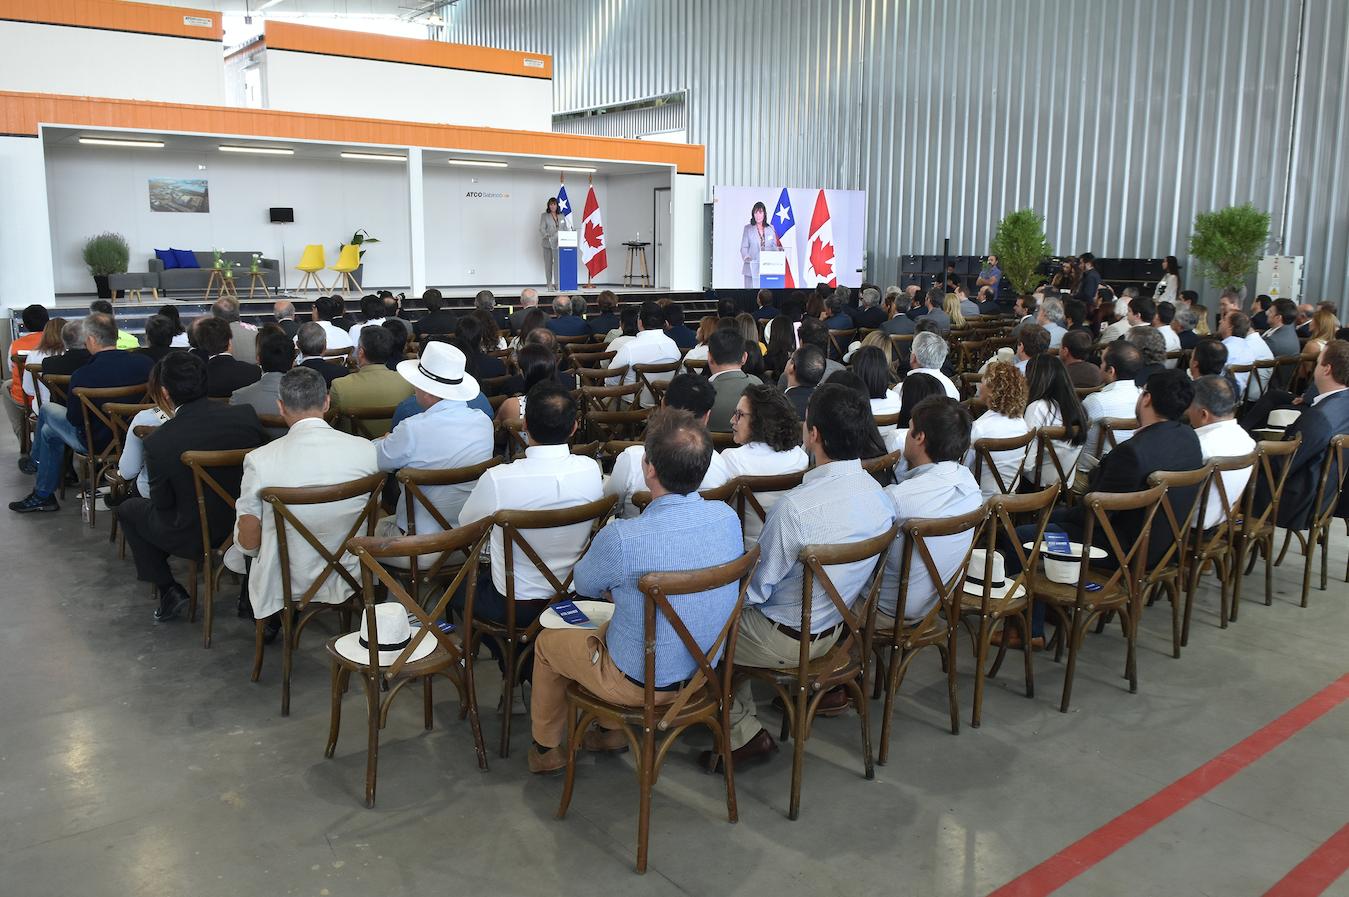 produccion-evento-inauguracion-planta-atco-sabinco-cproducciones-1